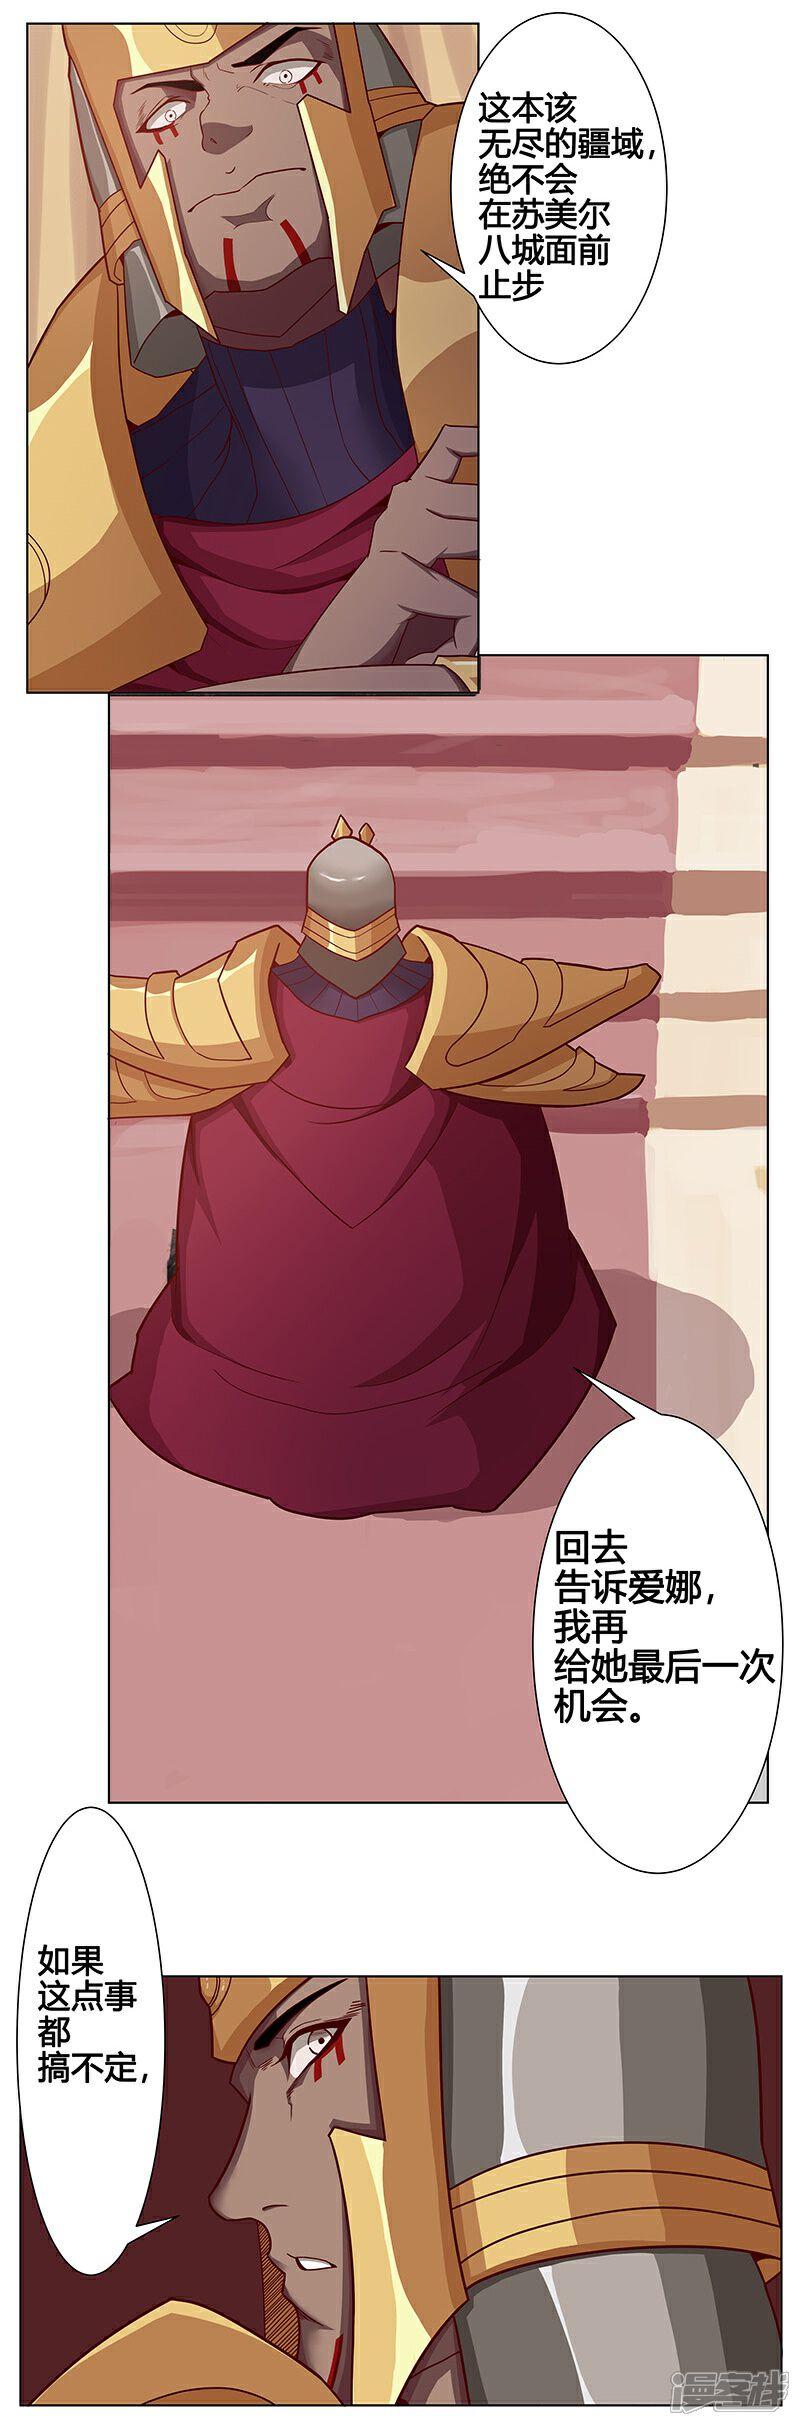 少年奴隶市场_倾国女王第35话1囚心之战高清免费阅读-几夕漫画